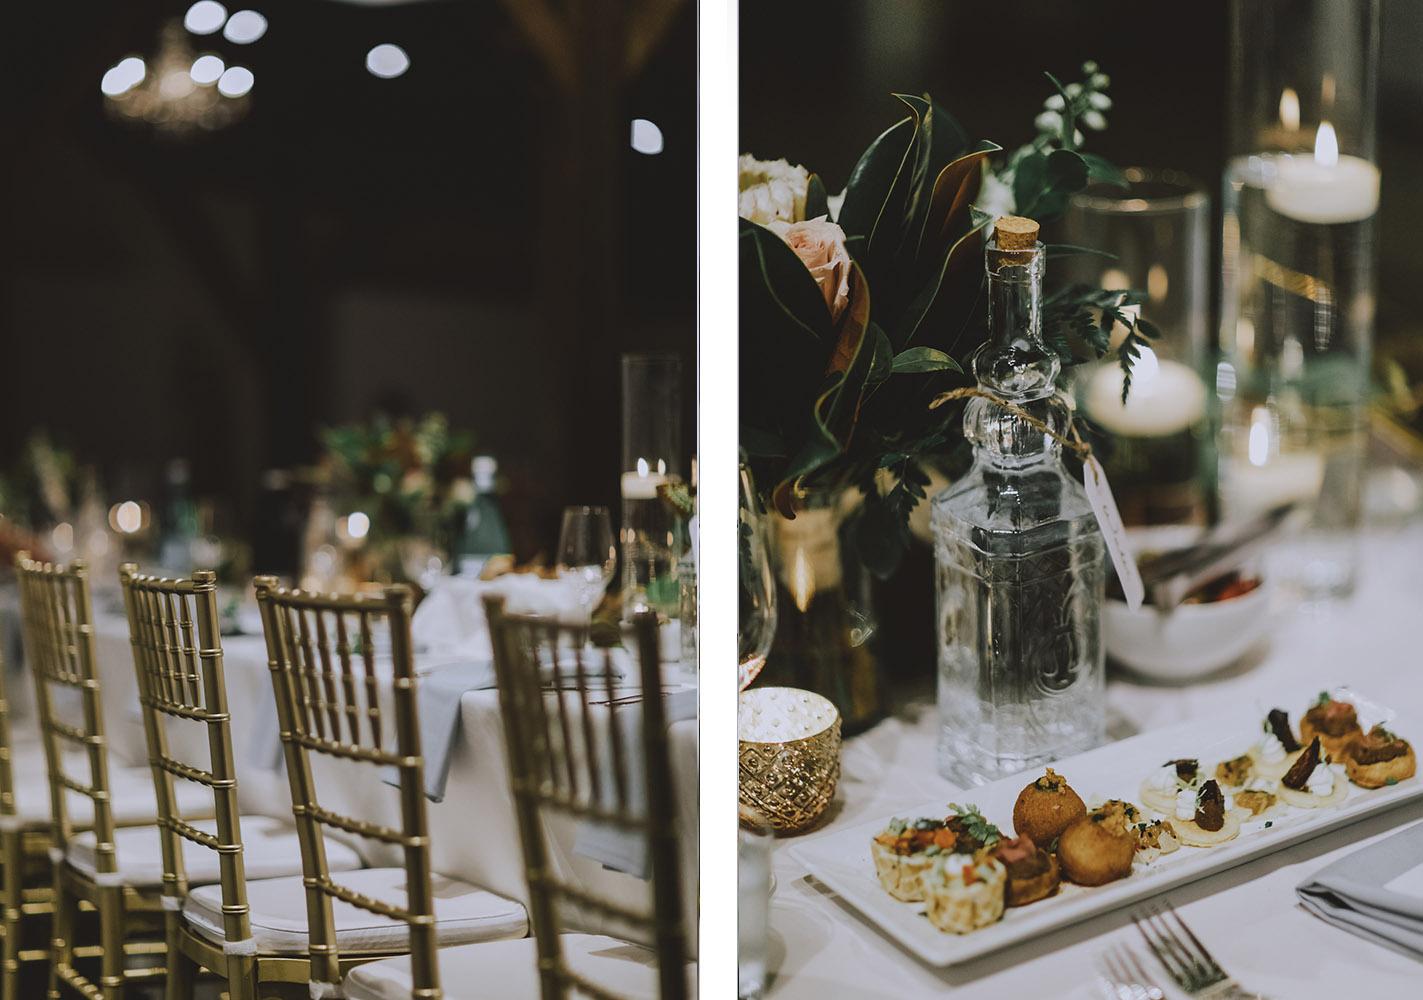 Rustic-Scandinavian-Inspired-Vancouver-Wedding-Roundhouse-wedding-photography-37.jpg